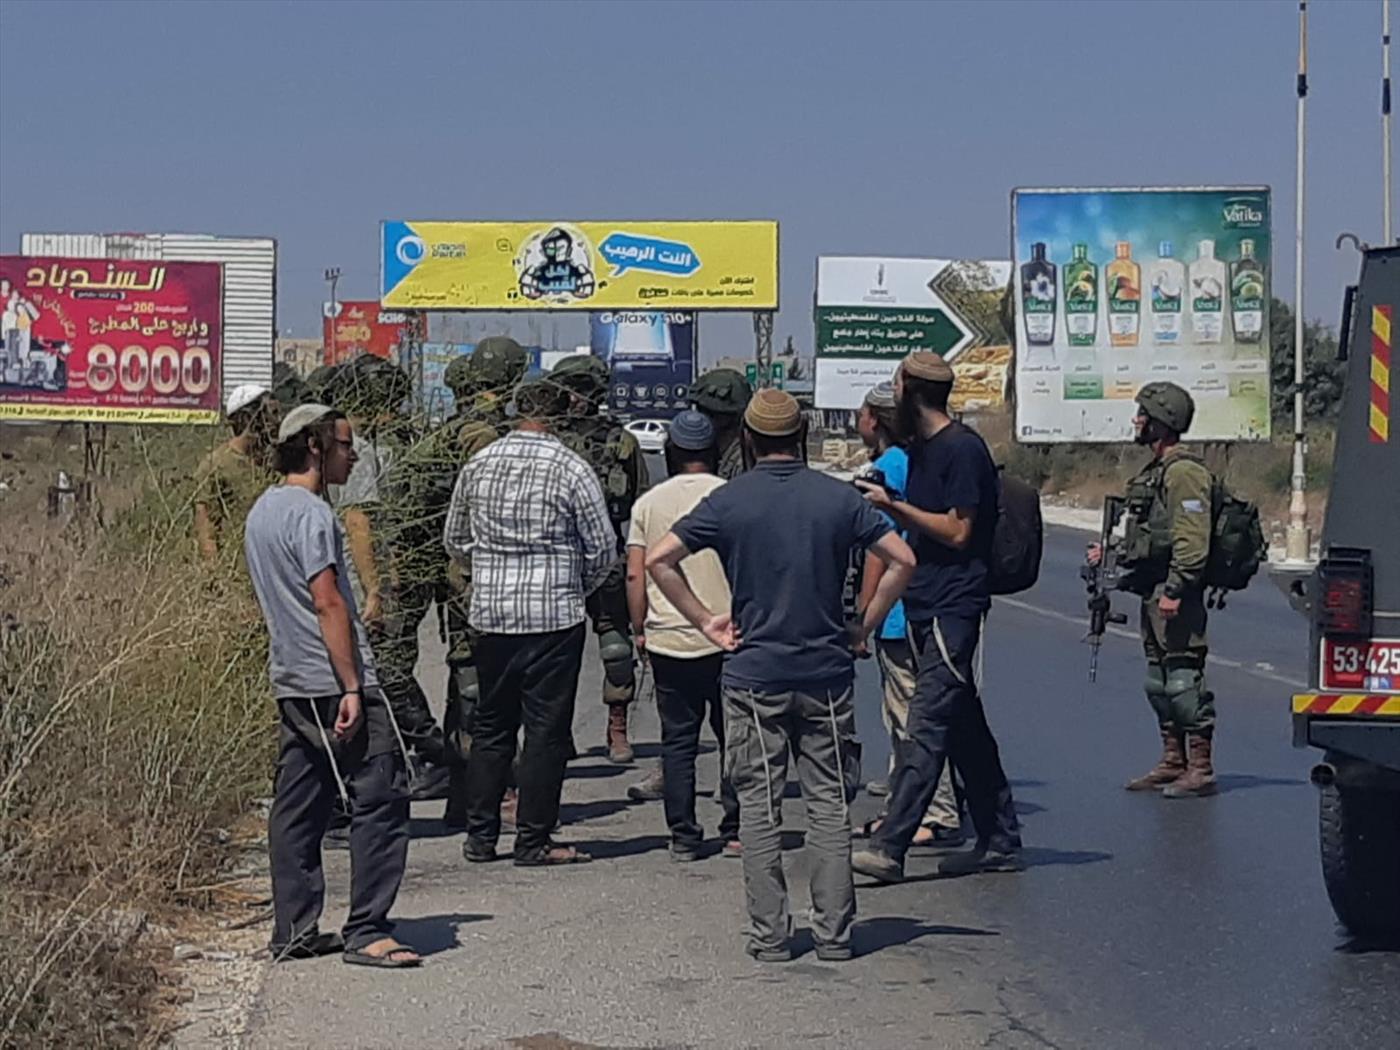 """תושבים מפגינים: """"לחסל את אבו מאזן"""""""